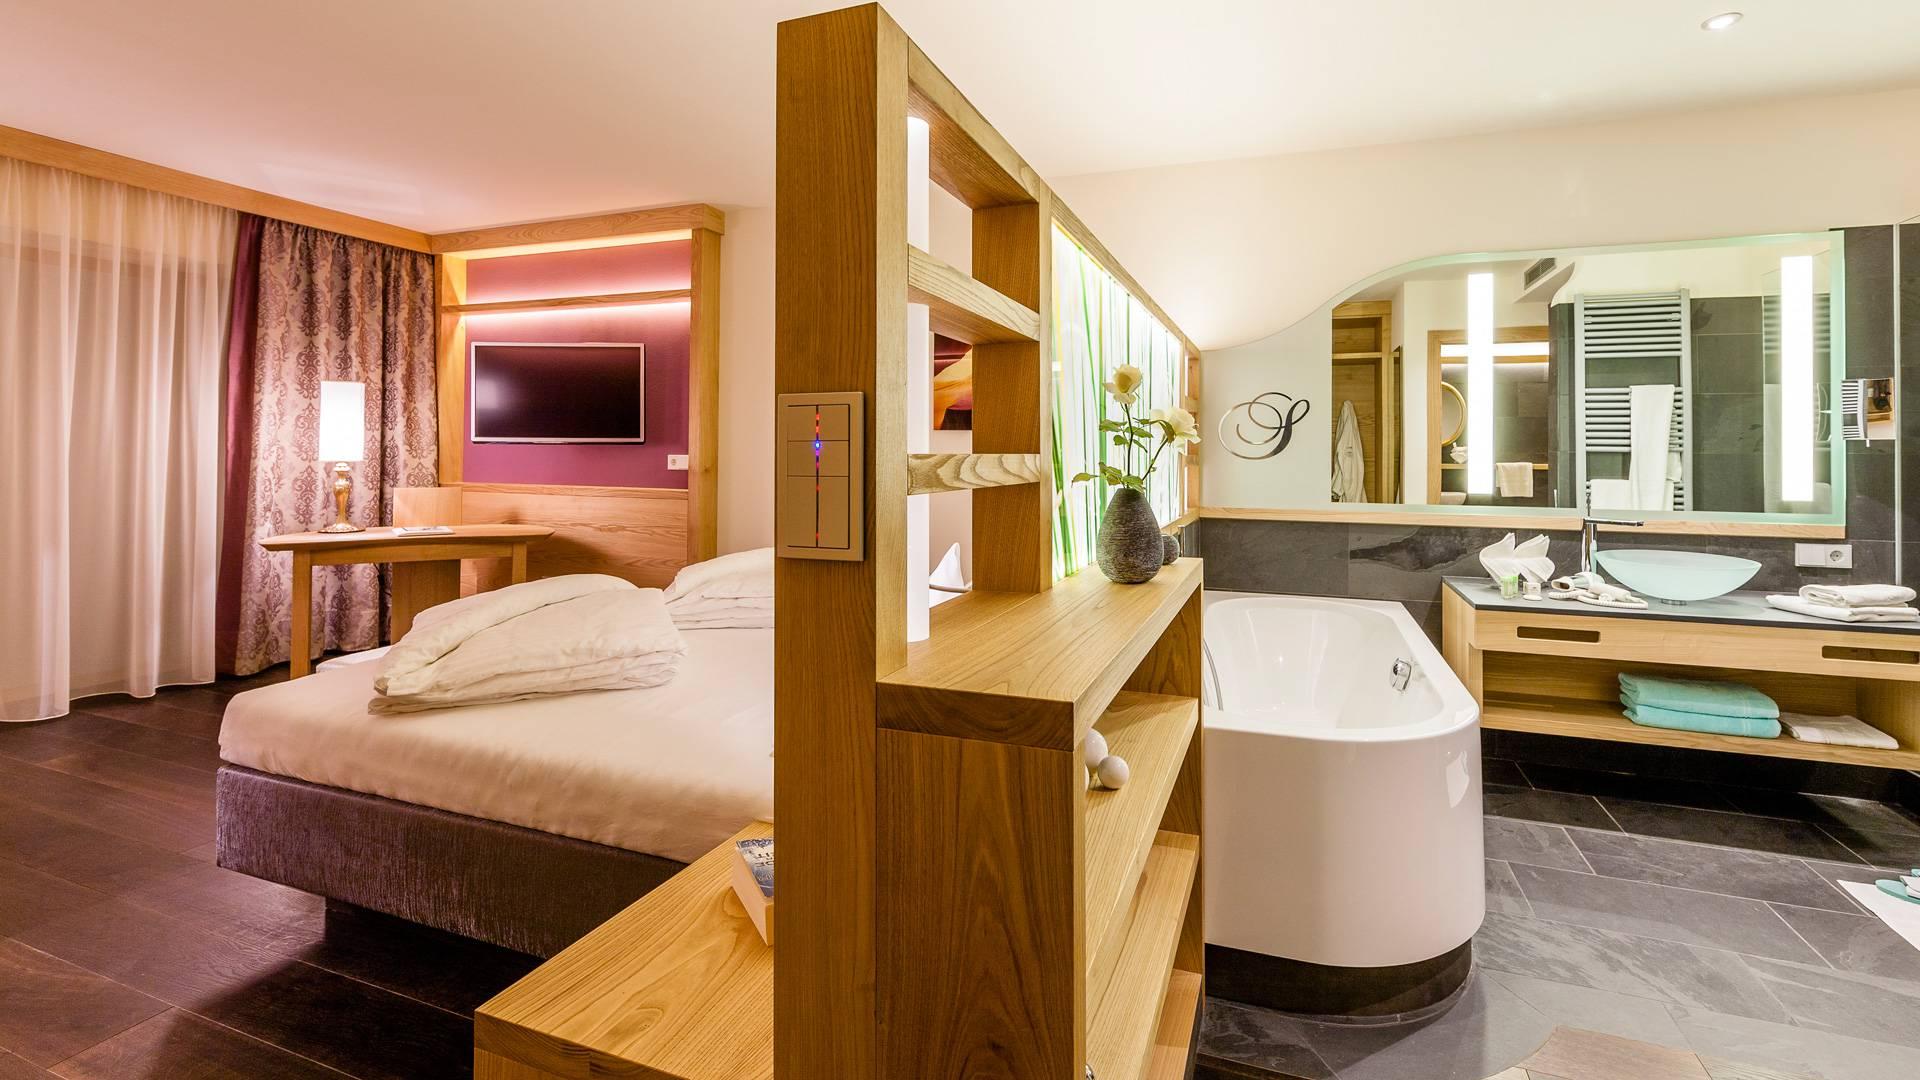 Exklusiv wohnen im wellnesshotel seeleiten for Hotel exklusiv